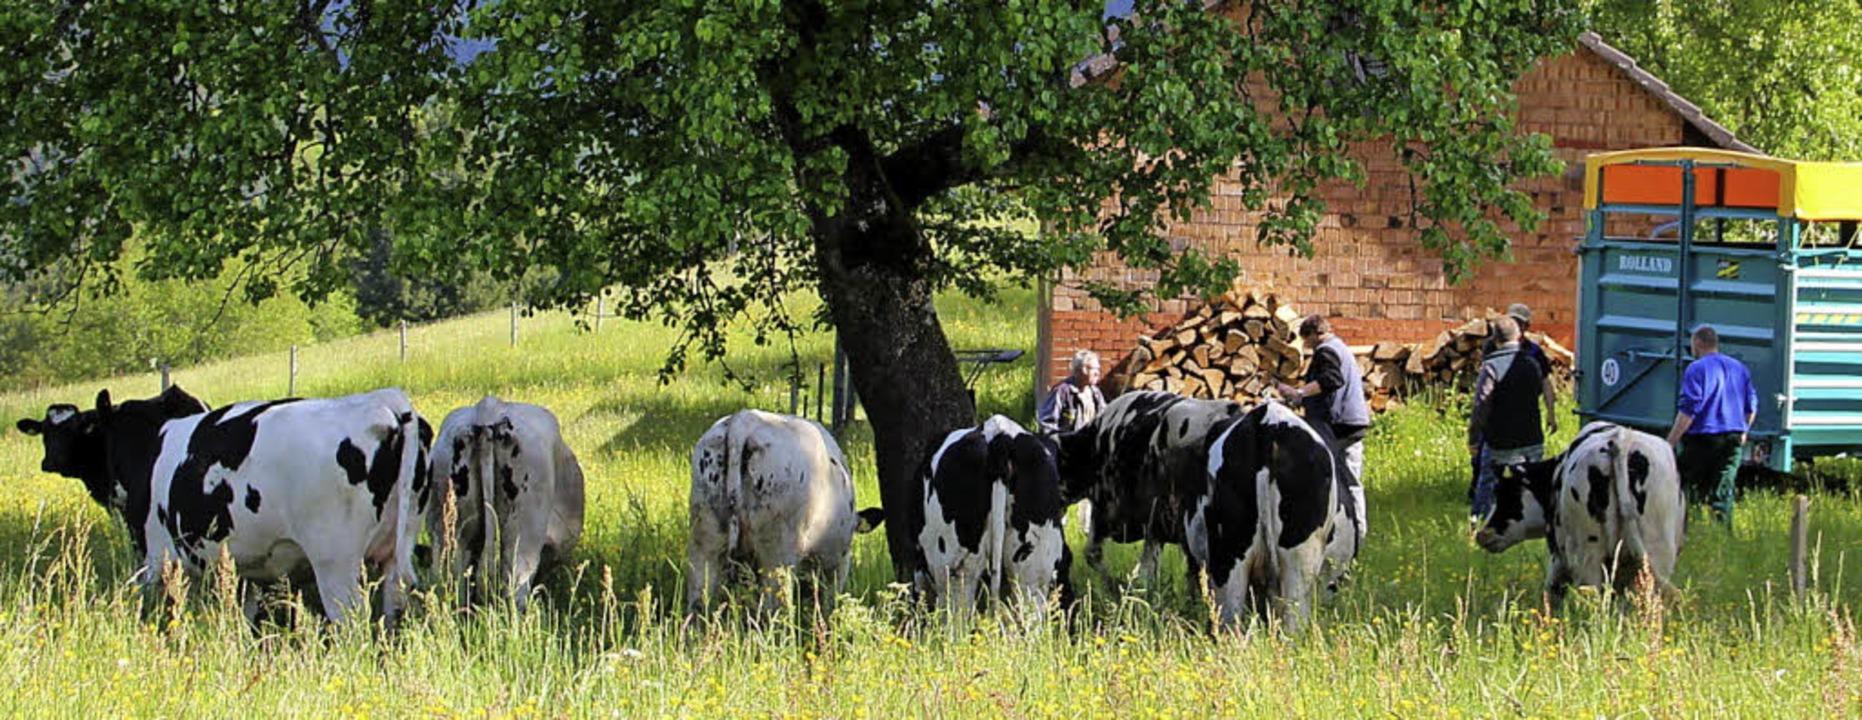 Vom Viehanhänger an die Weide: Auch in...ideauftrieb weitestgehend reibungslos.    Foto: Rolf-Dieter Kanmacher